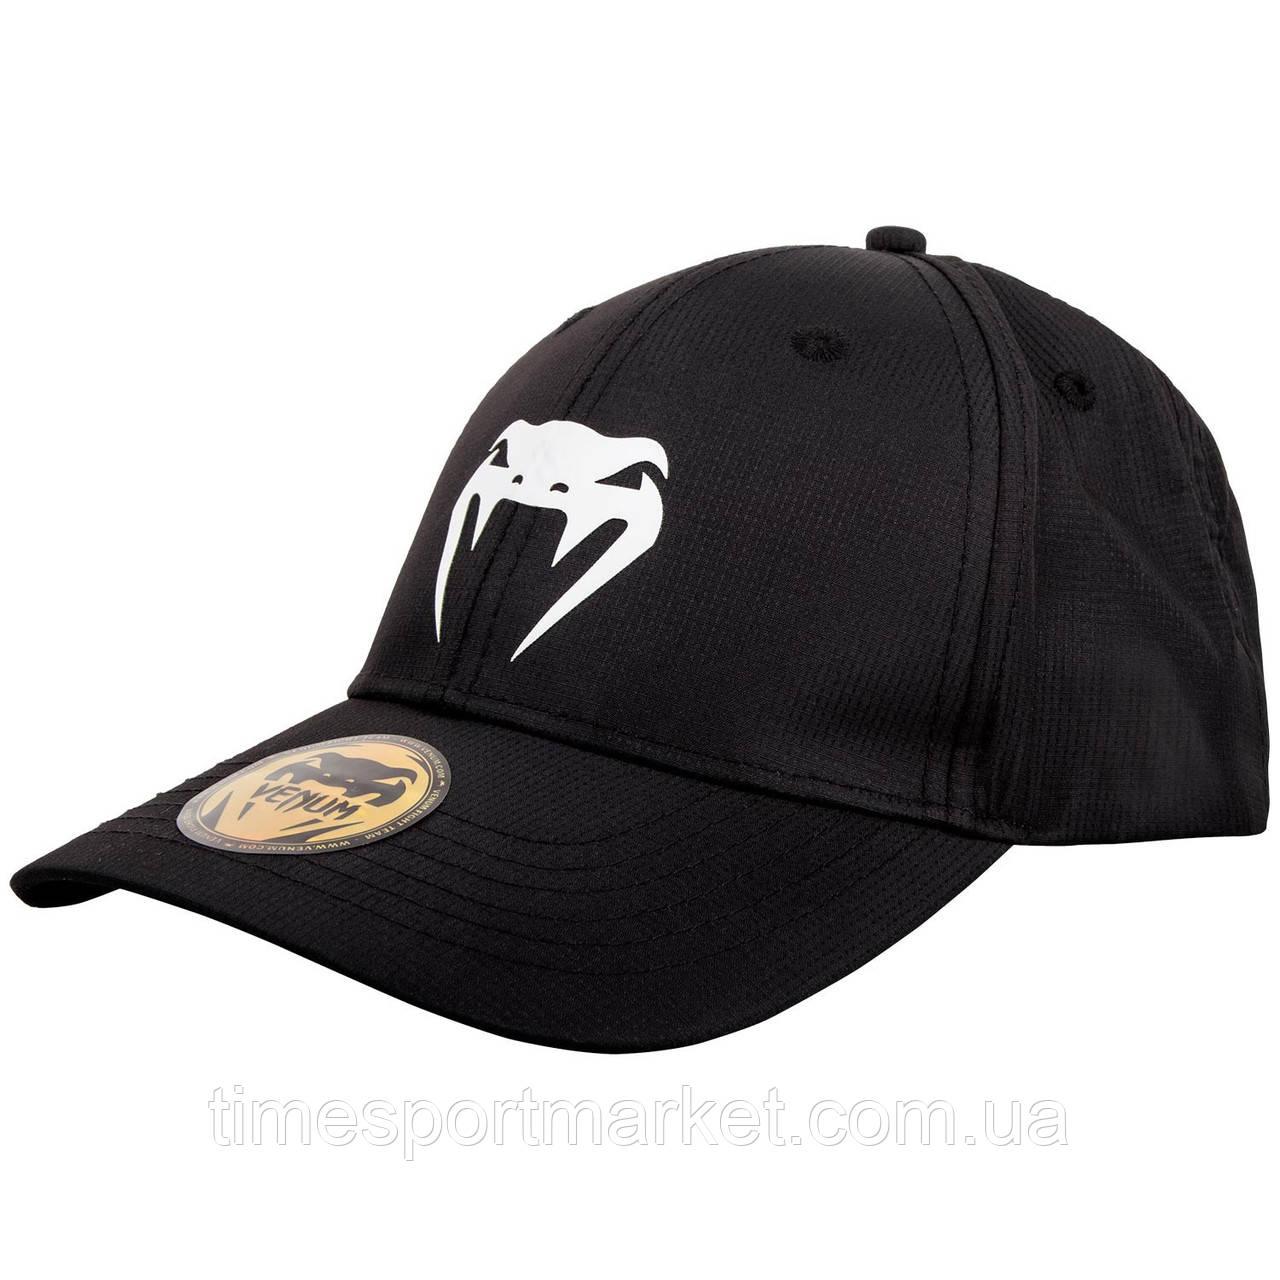 КЕПКА VENUM CLUB 182 CAP BLACK